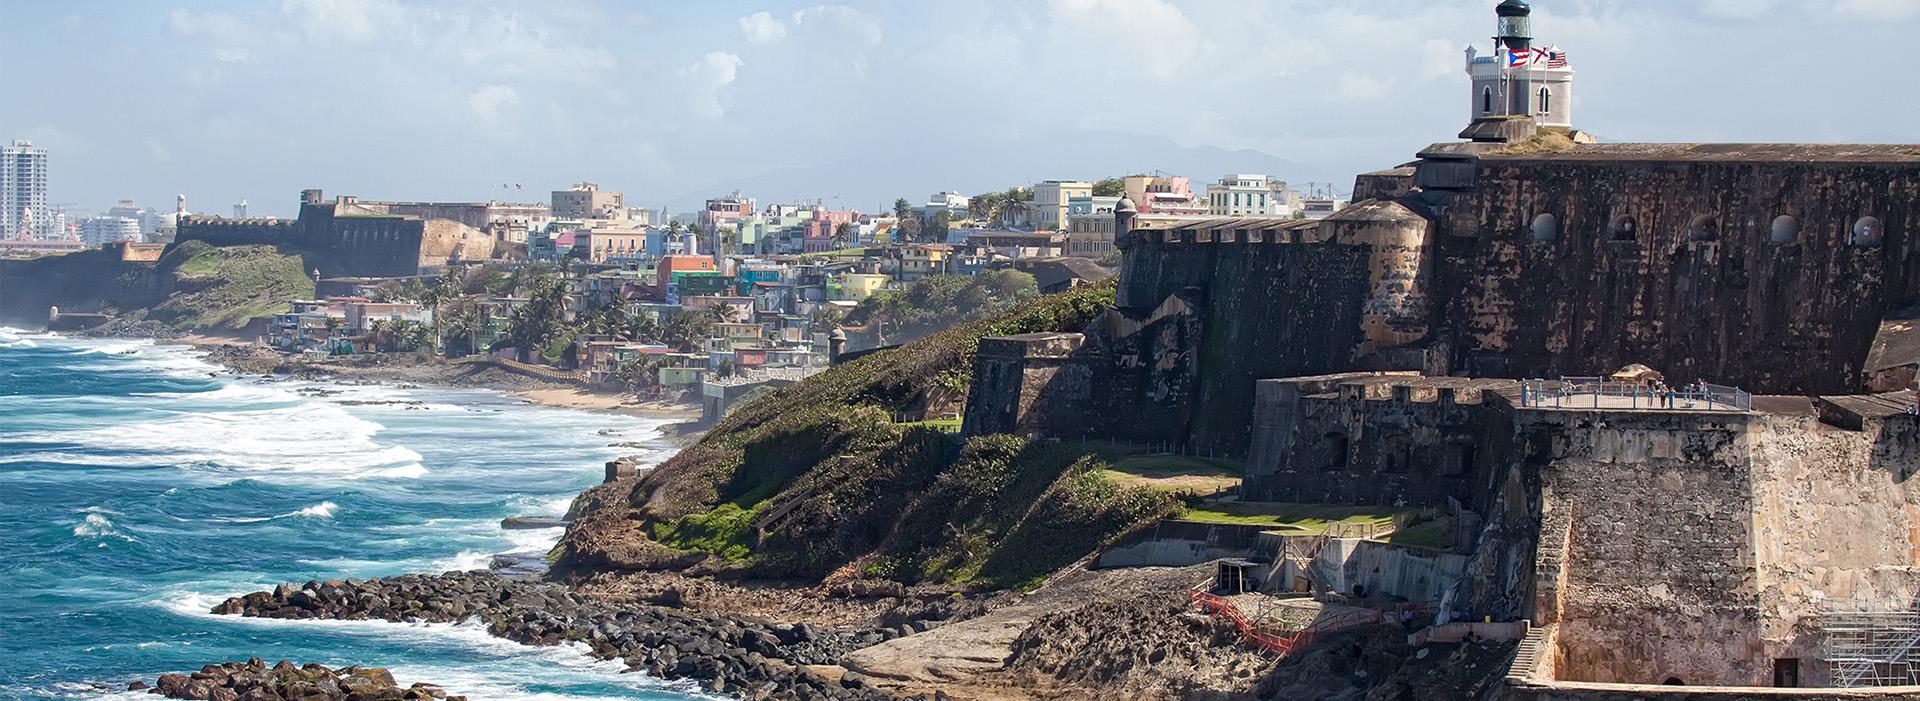 Language & Culture in Puerto Rico